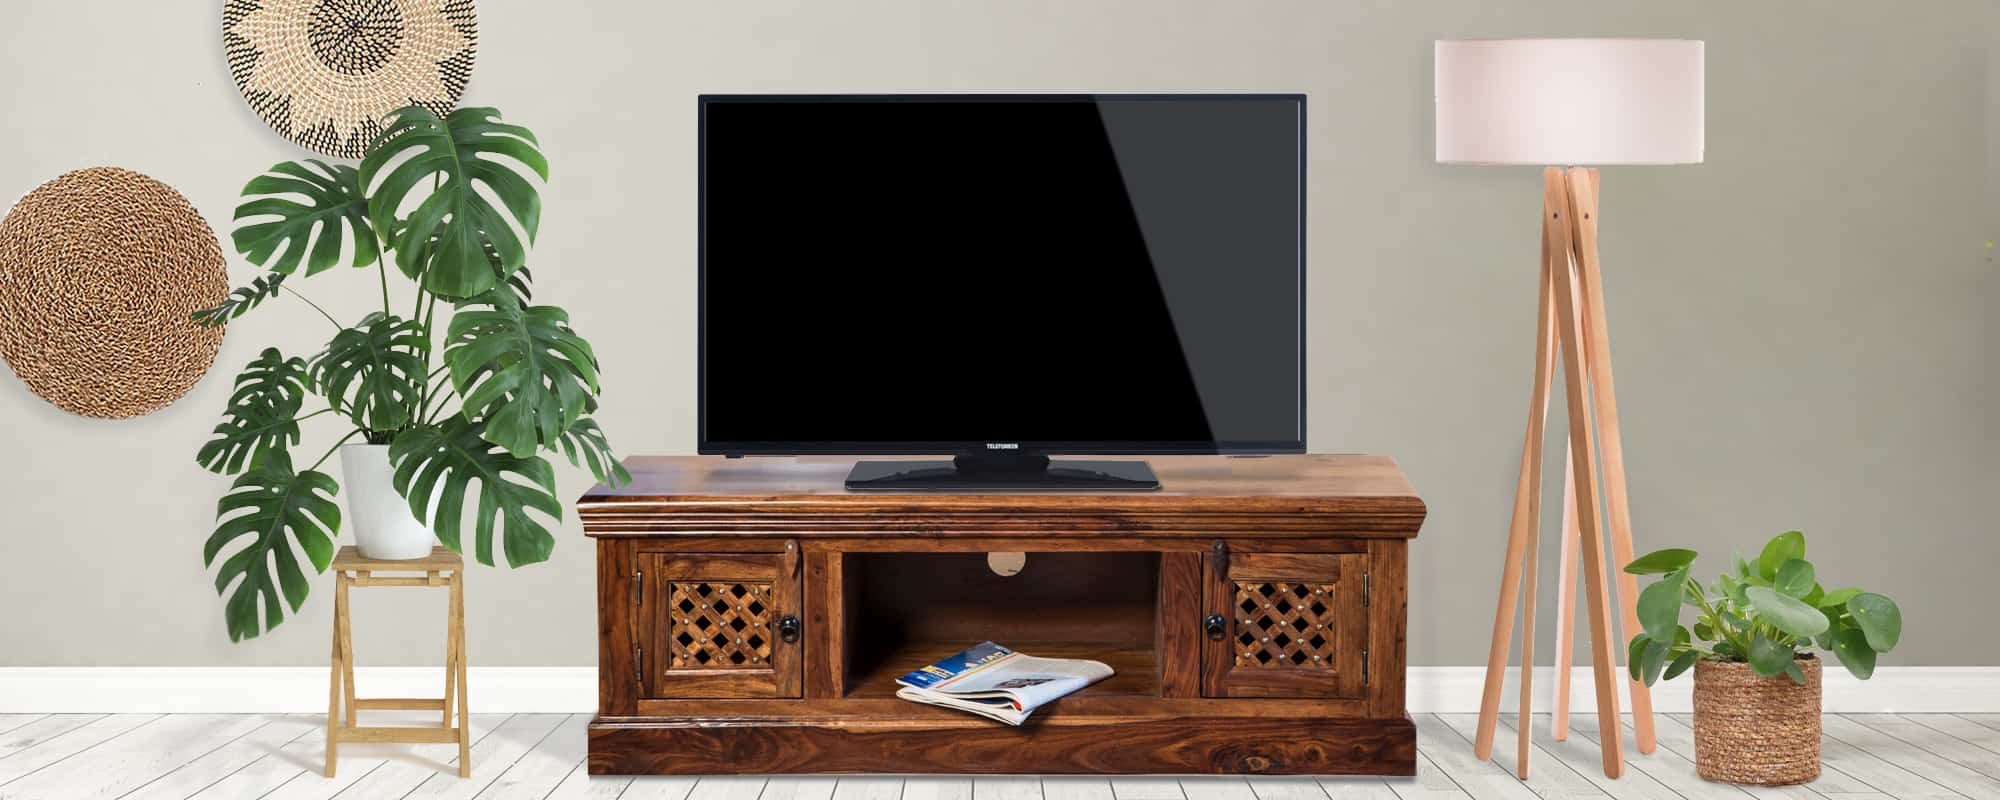 MiaMöbel » Massivholz Möbel Online Kaufen   MiaMöbel